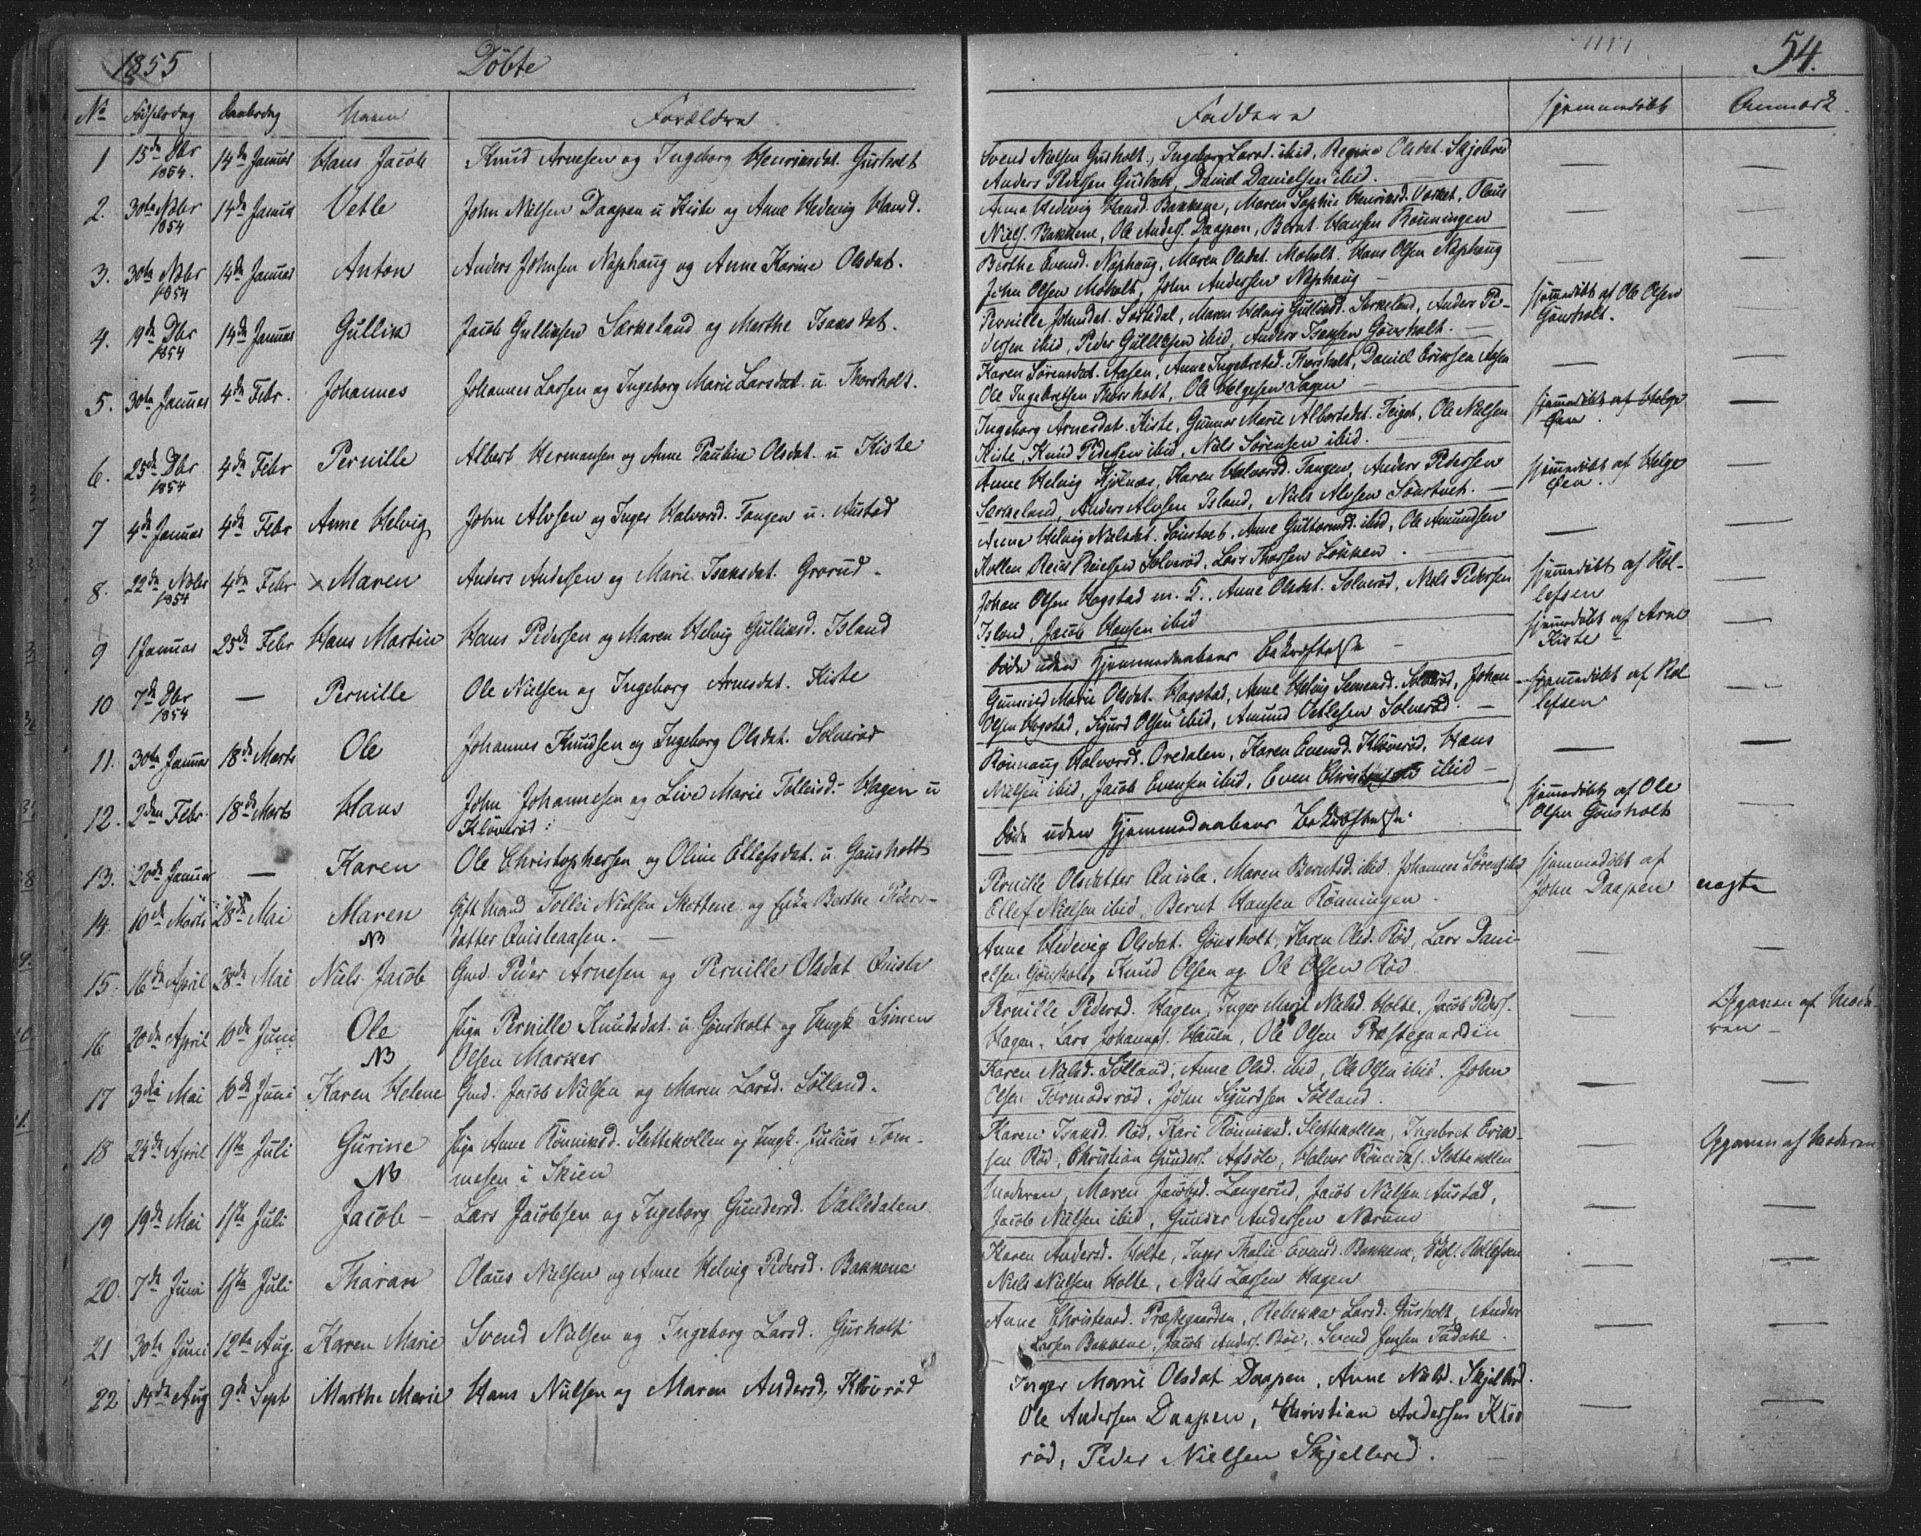 SAKO, Siljan kirkebøker, F/Fa/L0001: Ministerialbok nr. 1, 1831-1870, s. 54